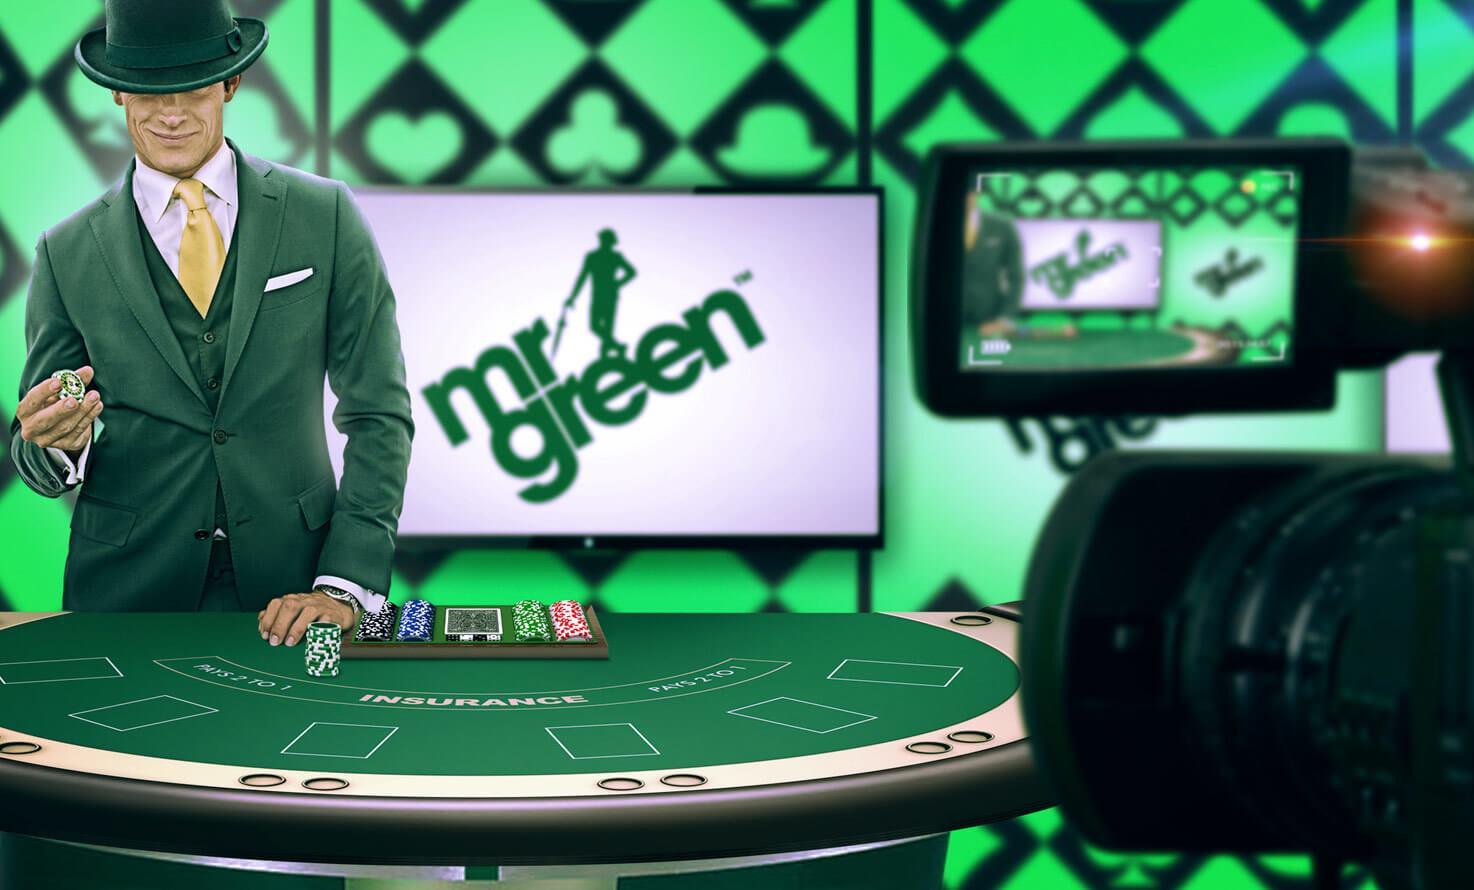 Mr Green nu tilgængelig i Danmark – tilmeld dig med en rekord, stor velkomstbonus og få 300 gratis spins!